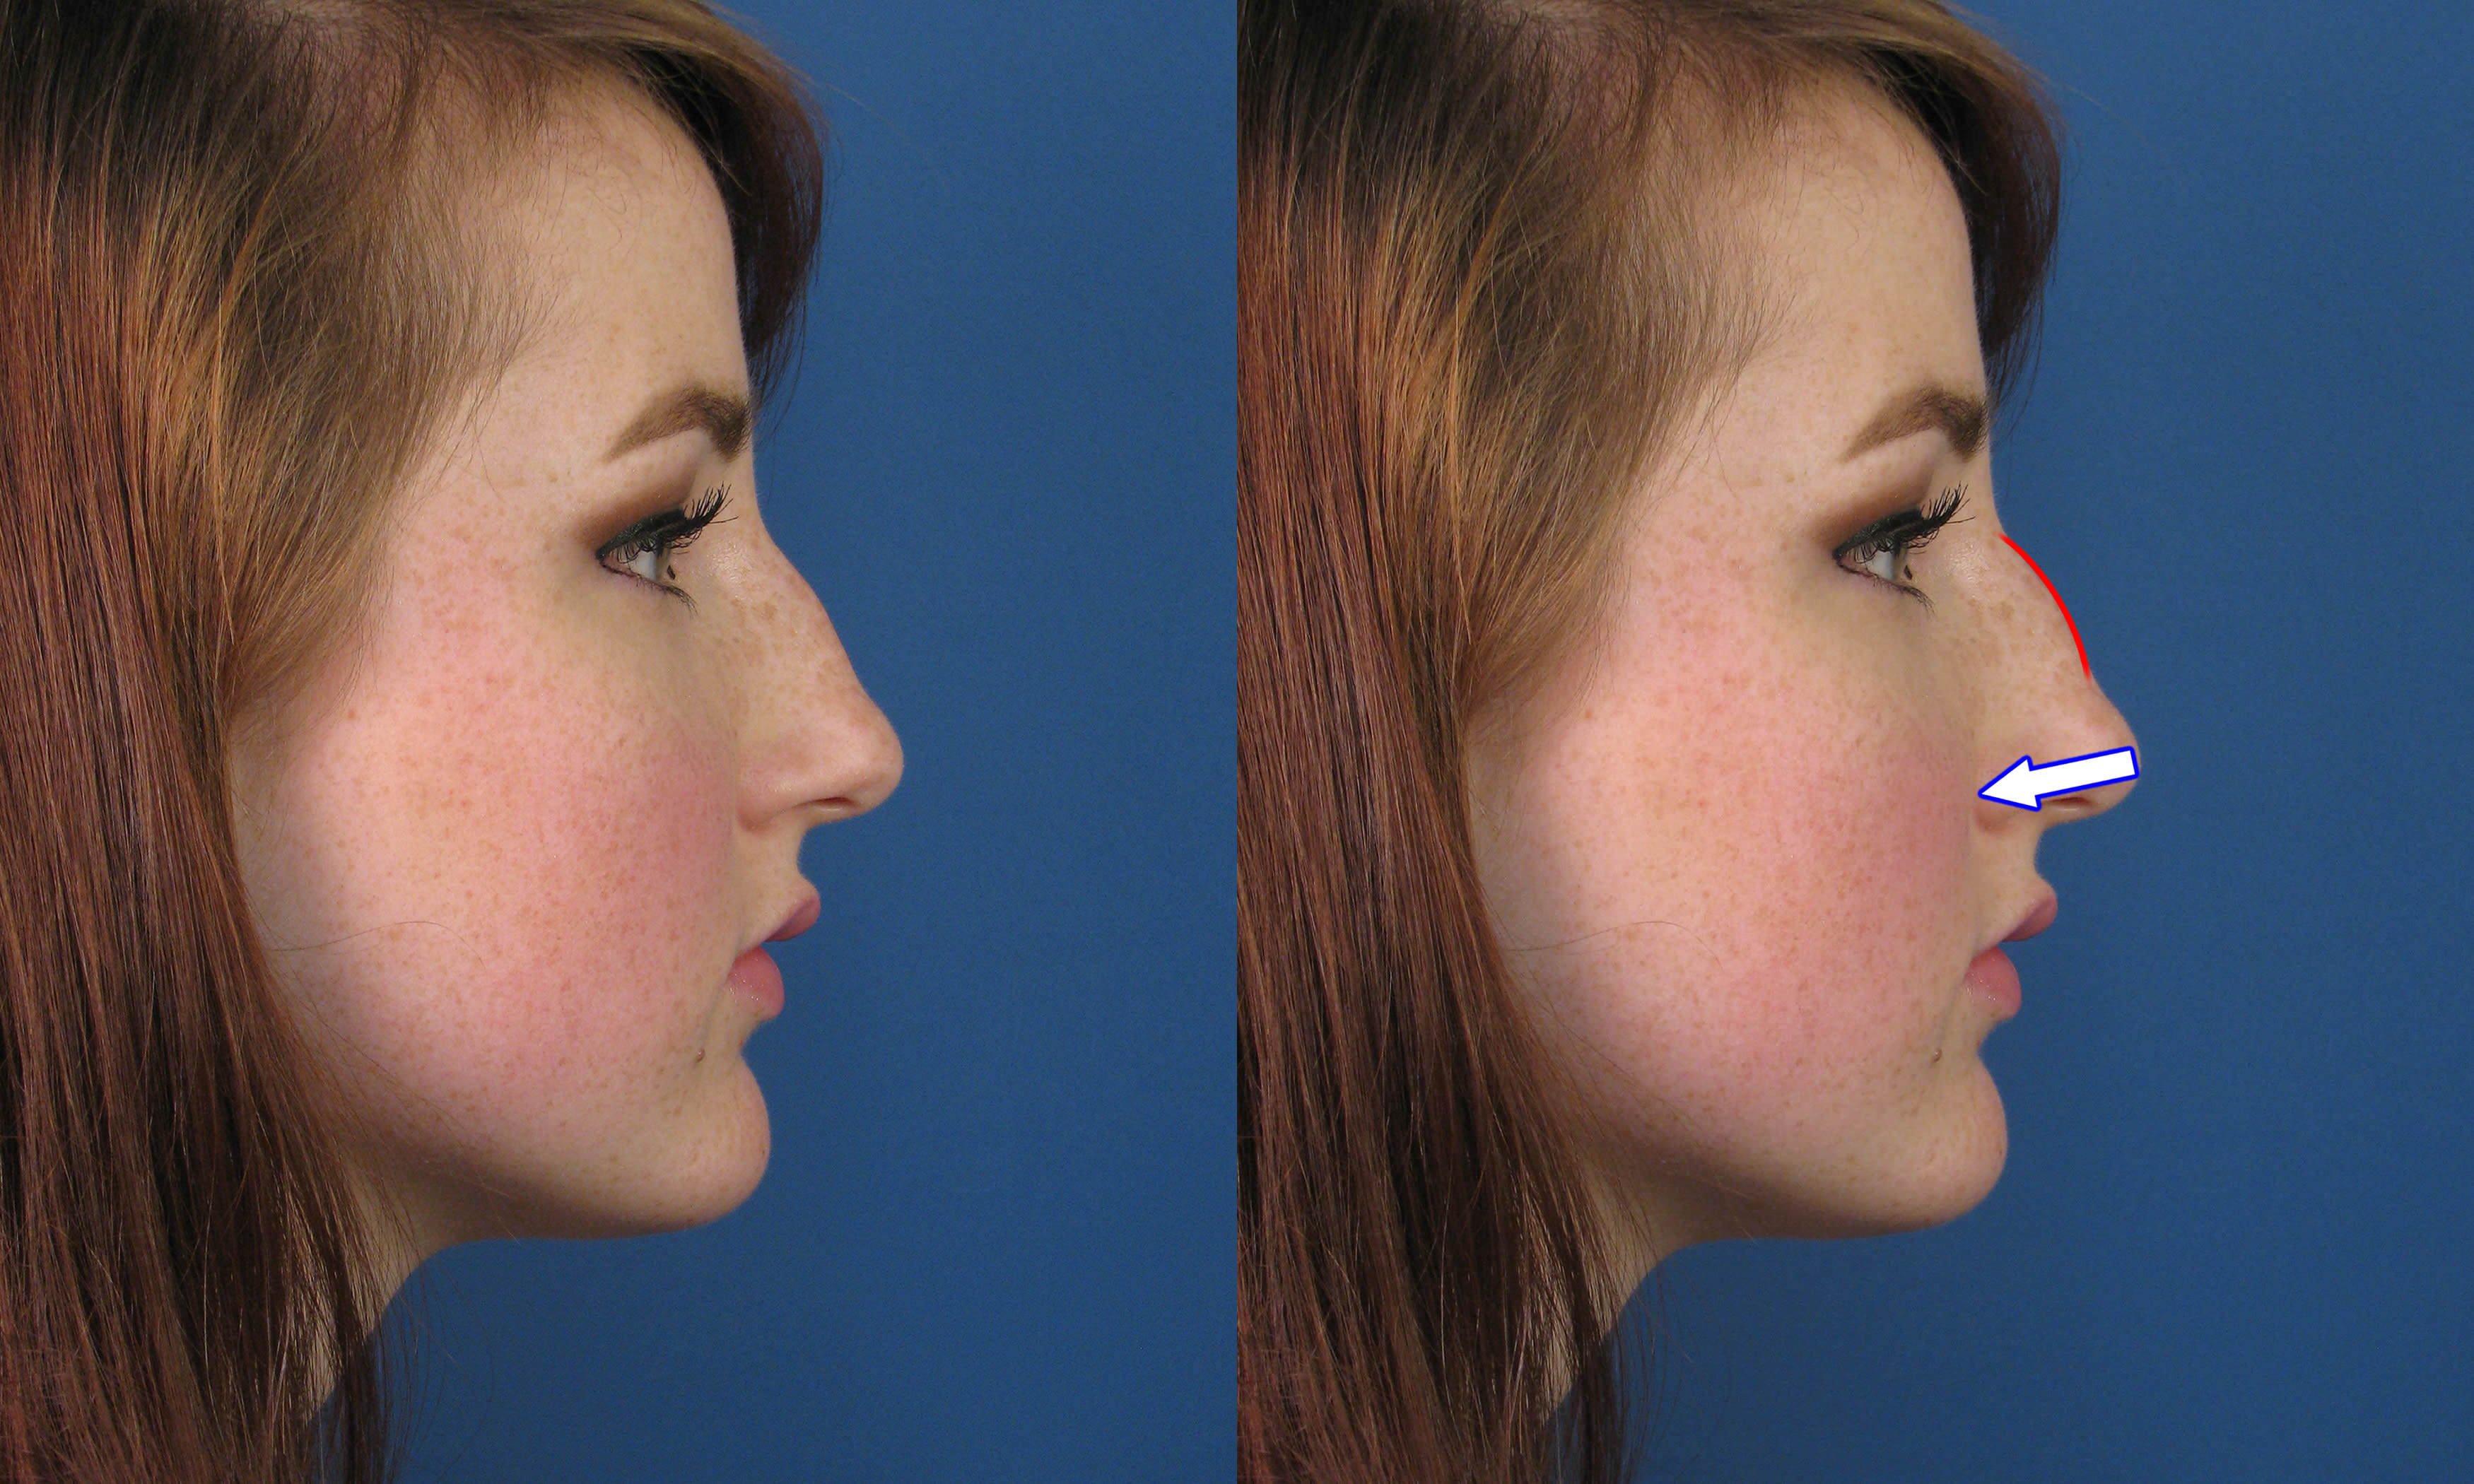 Фото причесок с горбинкой на носу